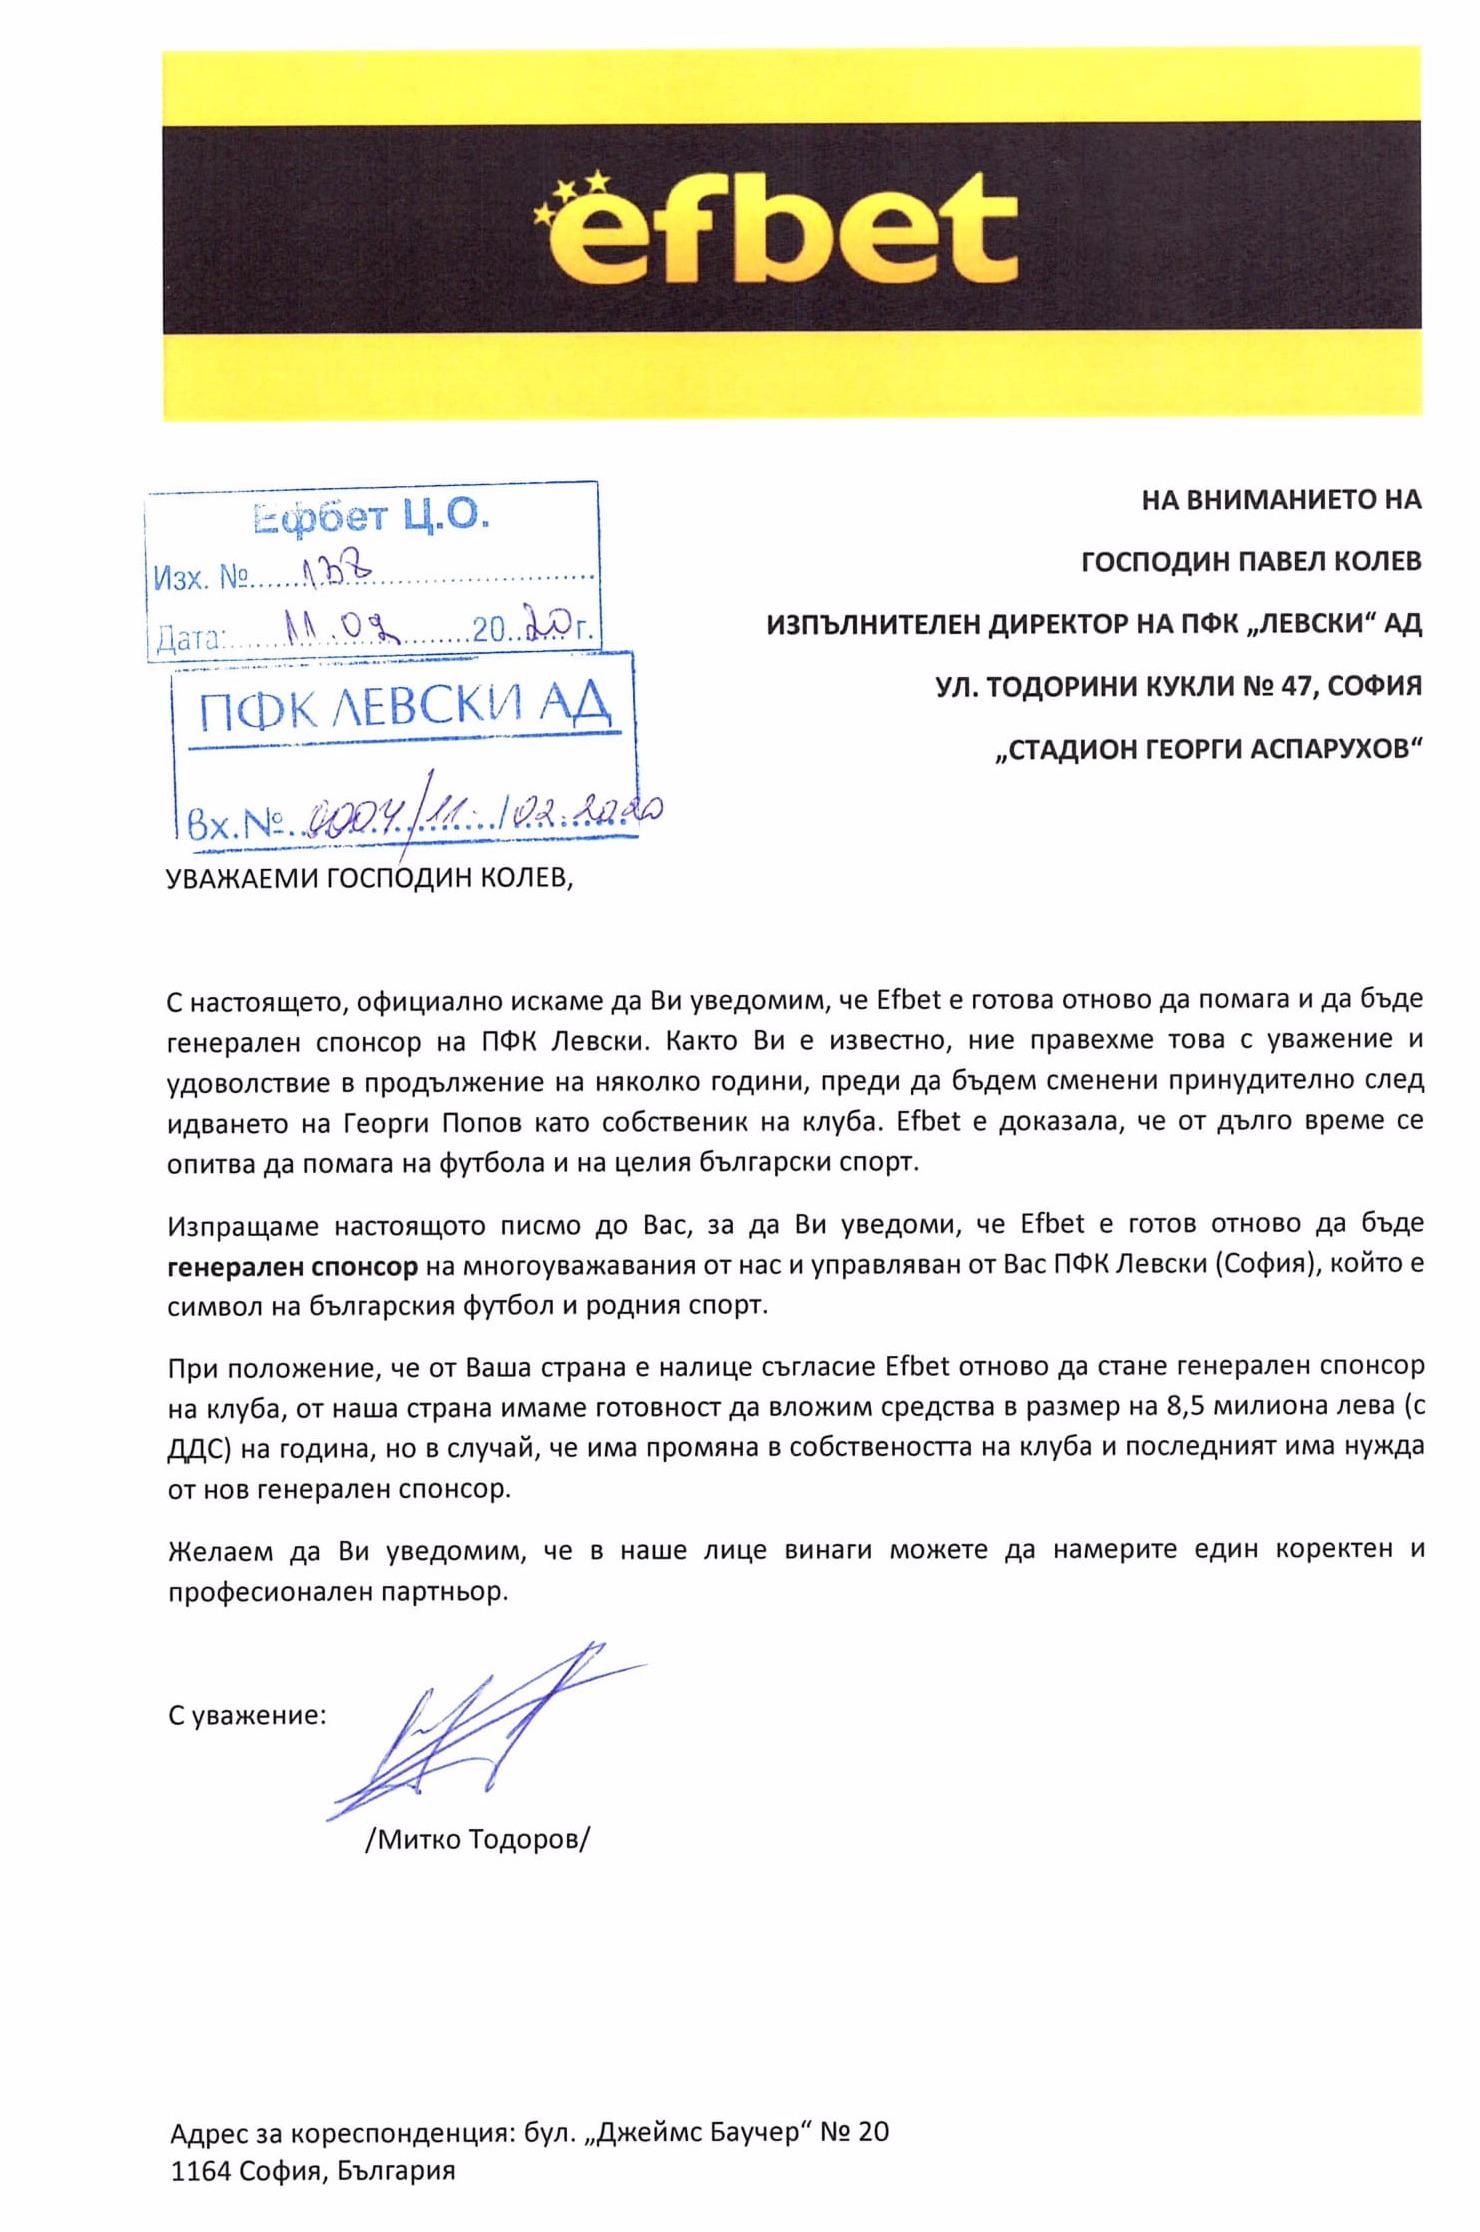 Официално: Efbet предложи 8,5 млн. лева на Левски като спонсор и едно условие 2